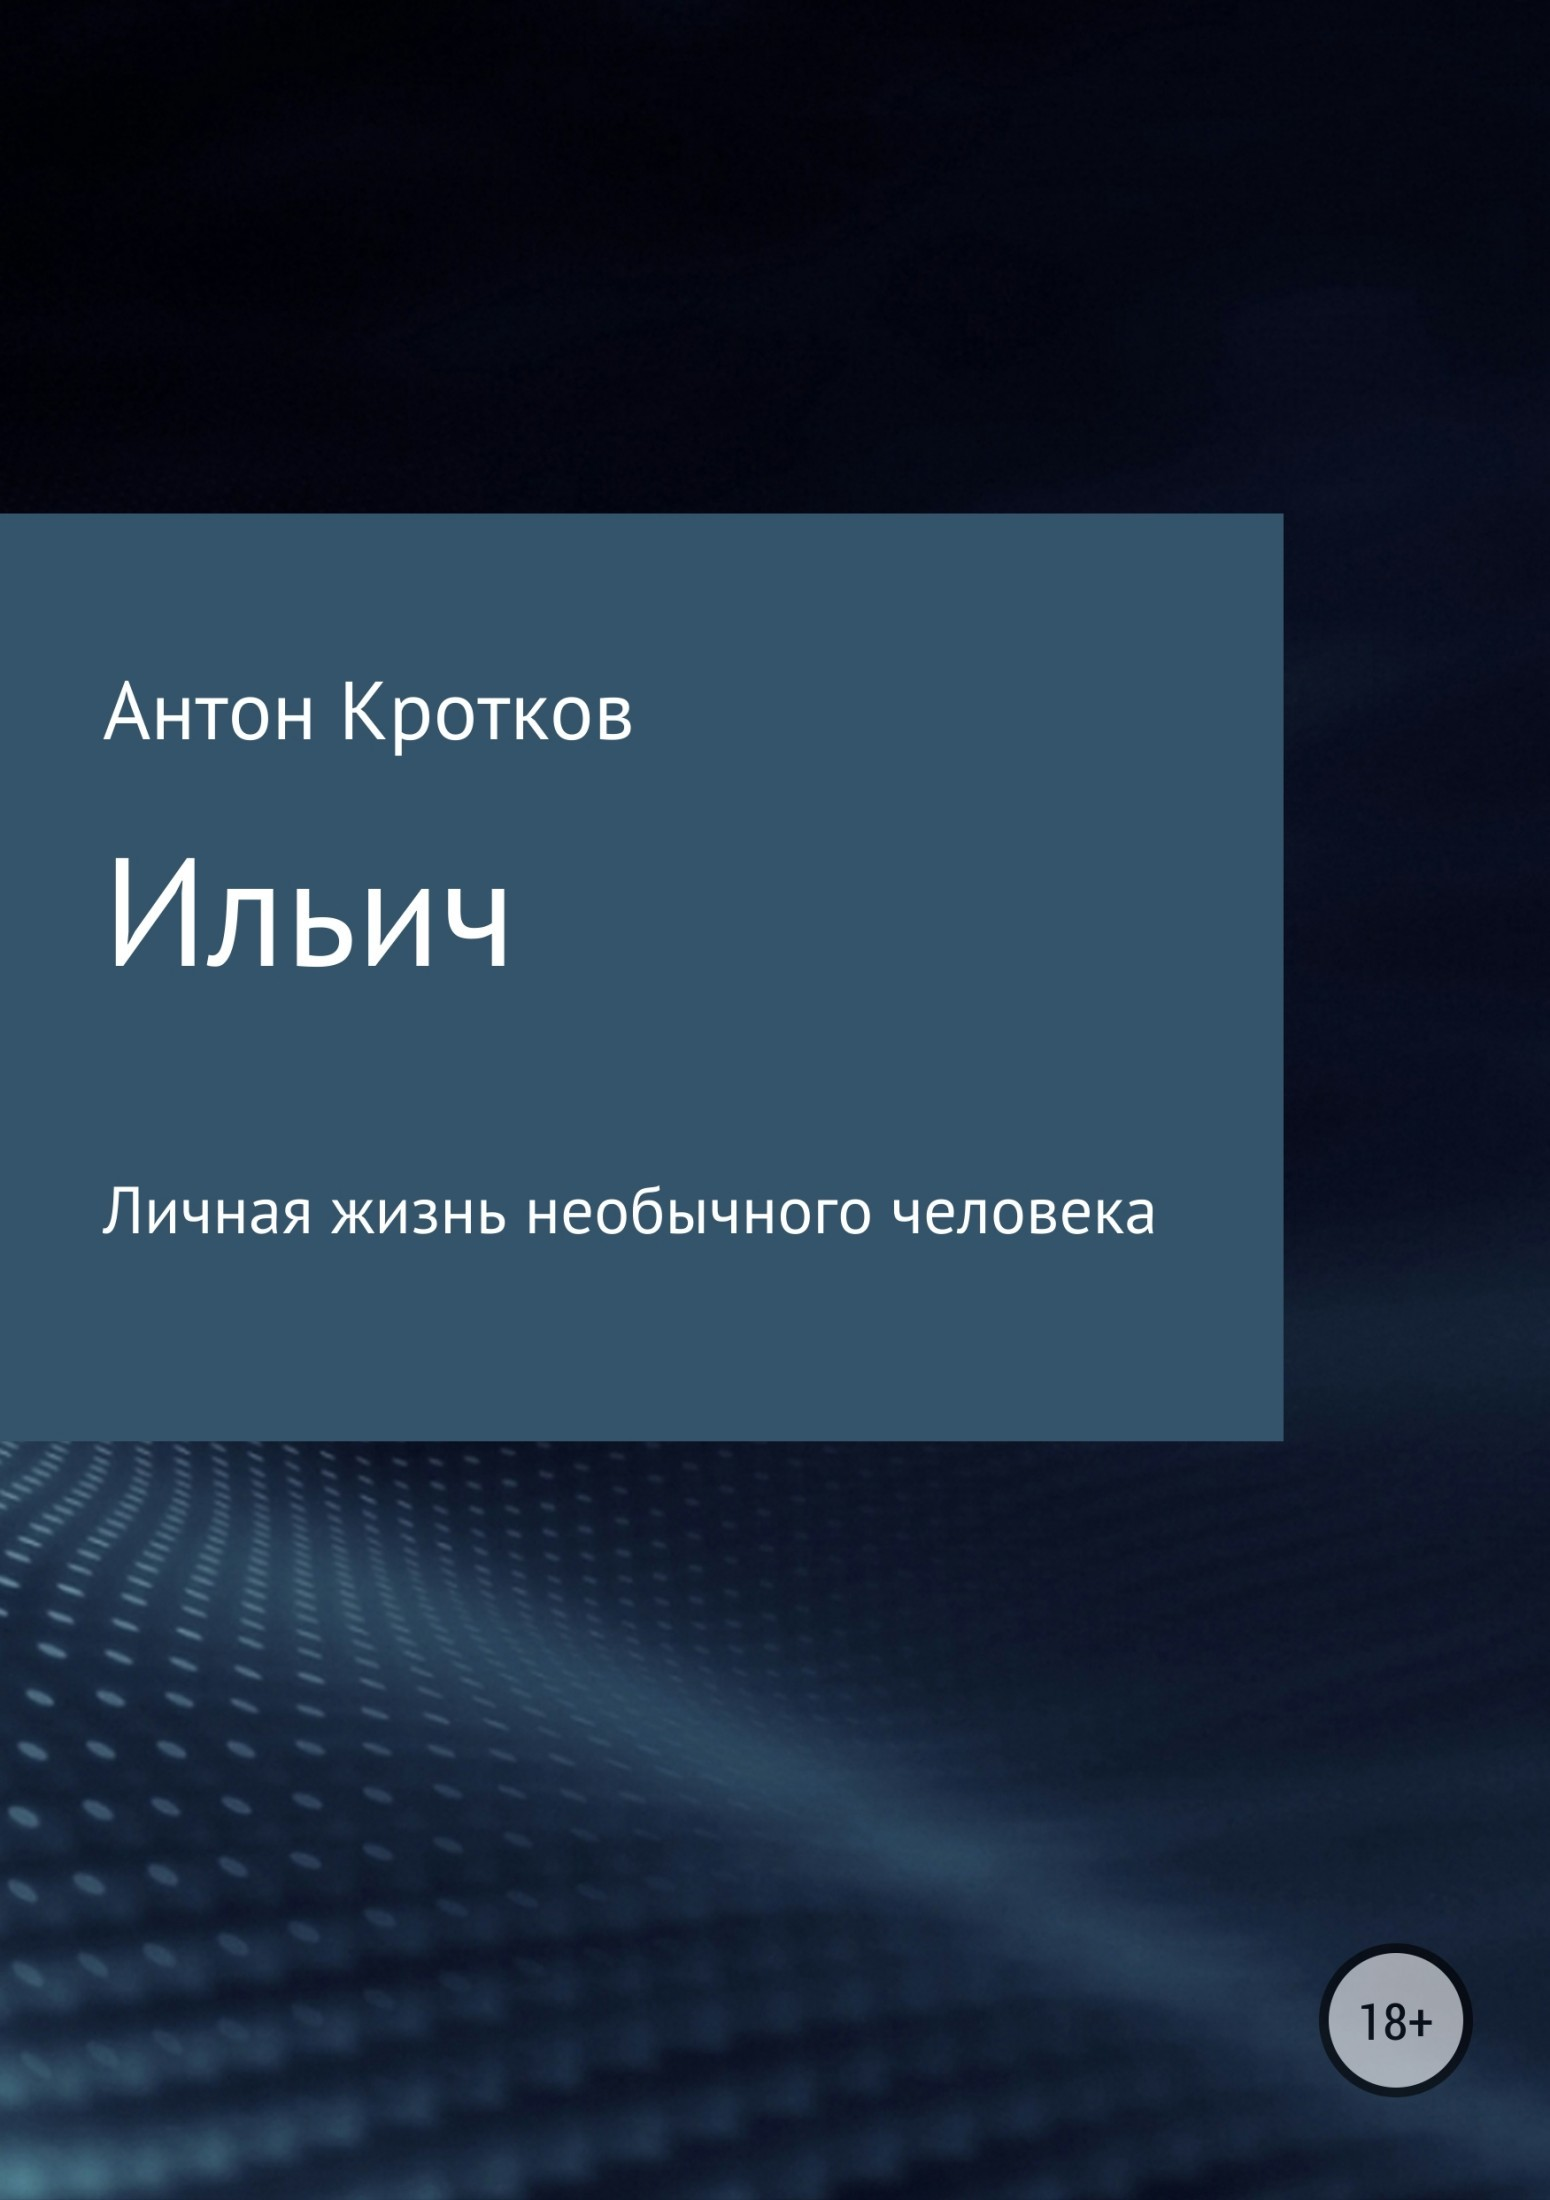 Антон Кротков - Ильич